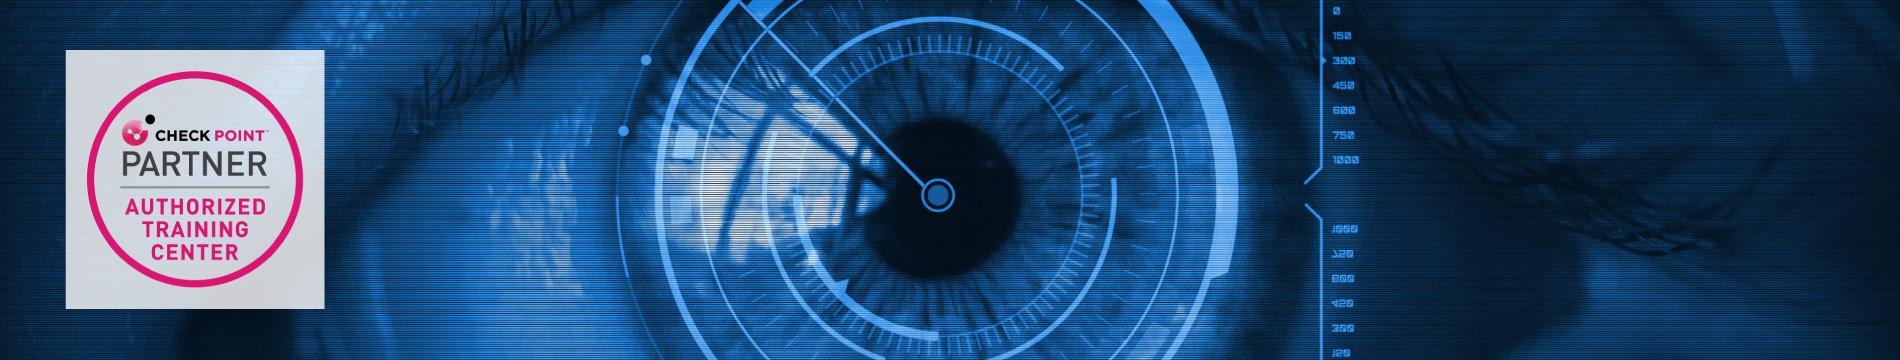 Corsi e Certificazione Check Point, CCSA, CCSE, CCSM, Check Point Certified Admin Check Point Certified Expert Check Point Certified Security Master